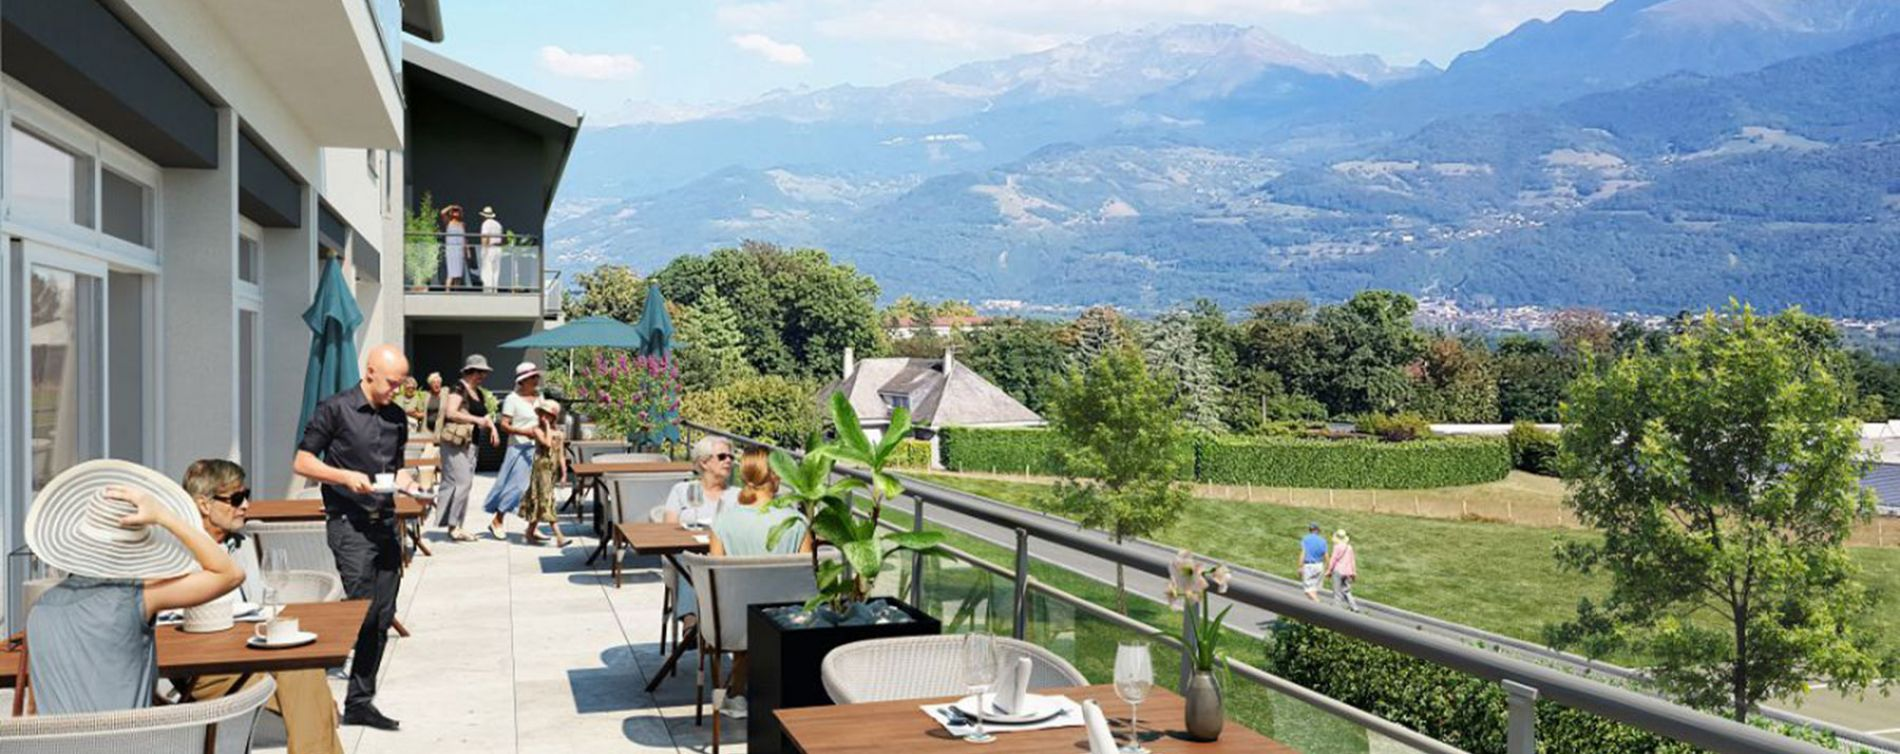 Biviers : programme immobilier neuve « Les Terrasses de Belledonne » (2)